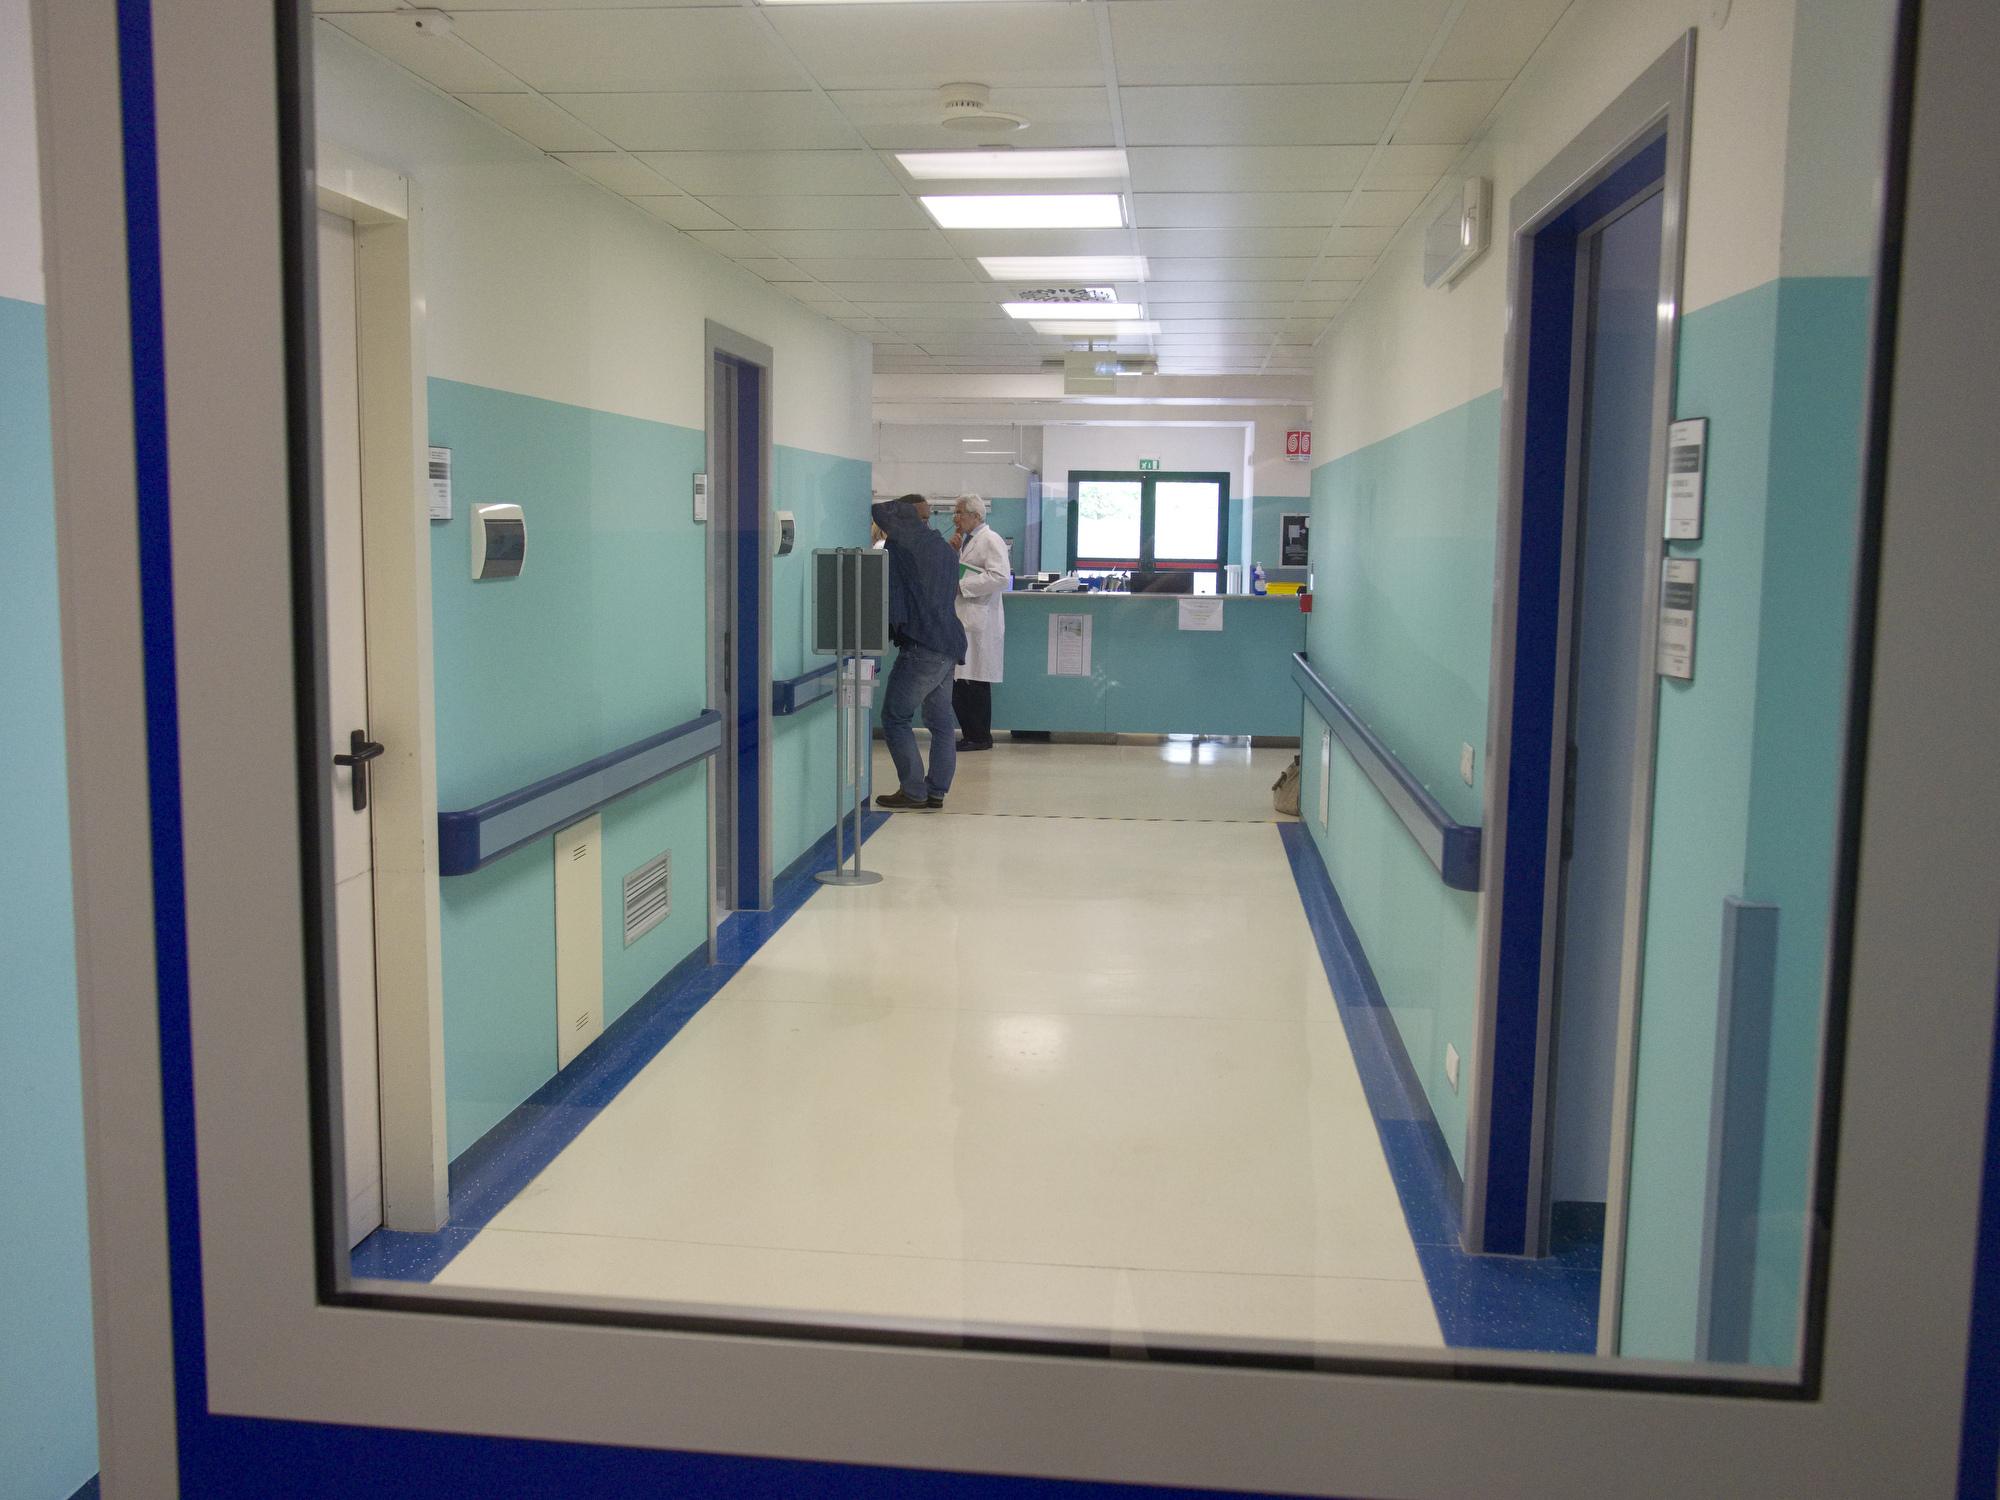 Scia di furti in ospedale a Ravenna. Sospetti su un infermiere